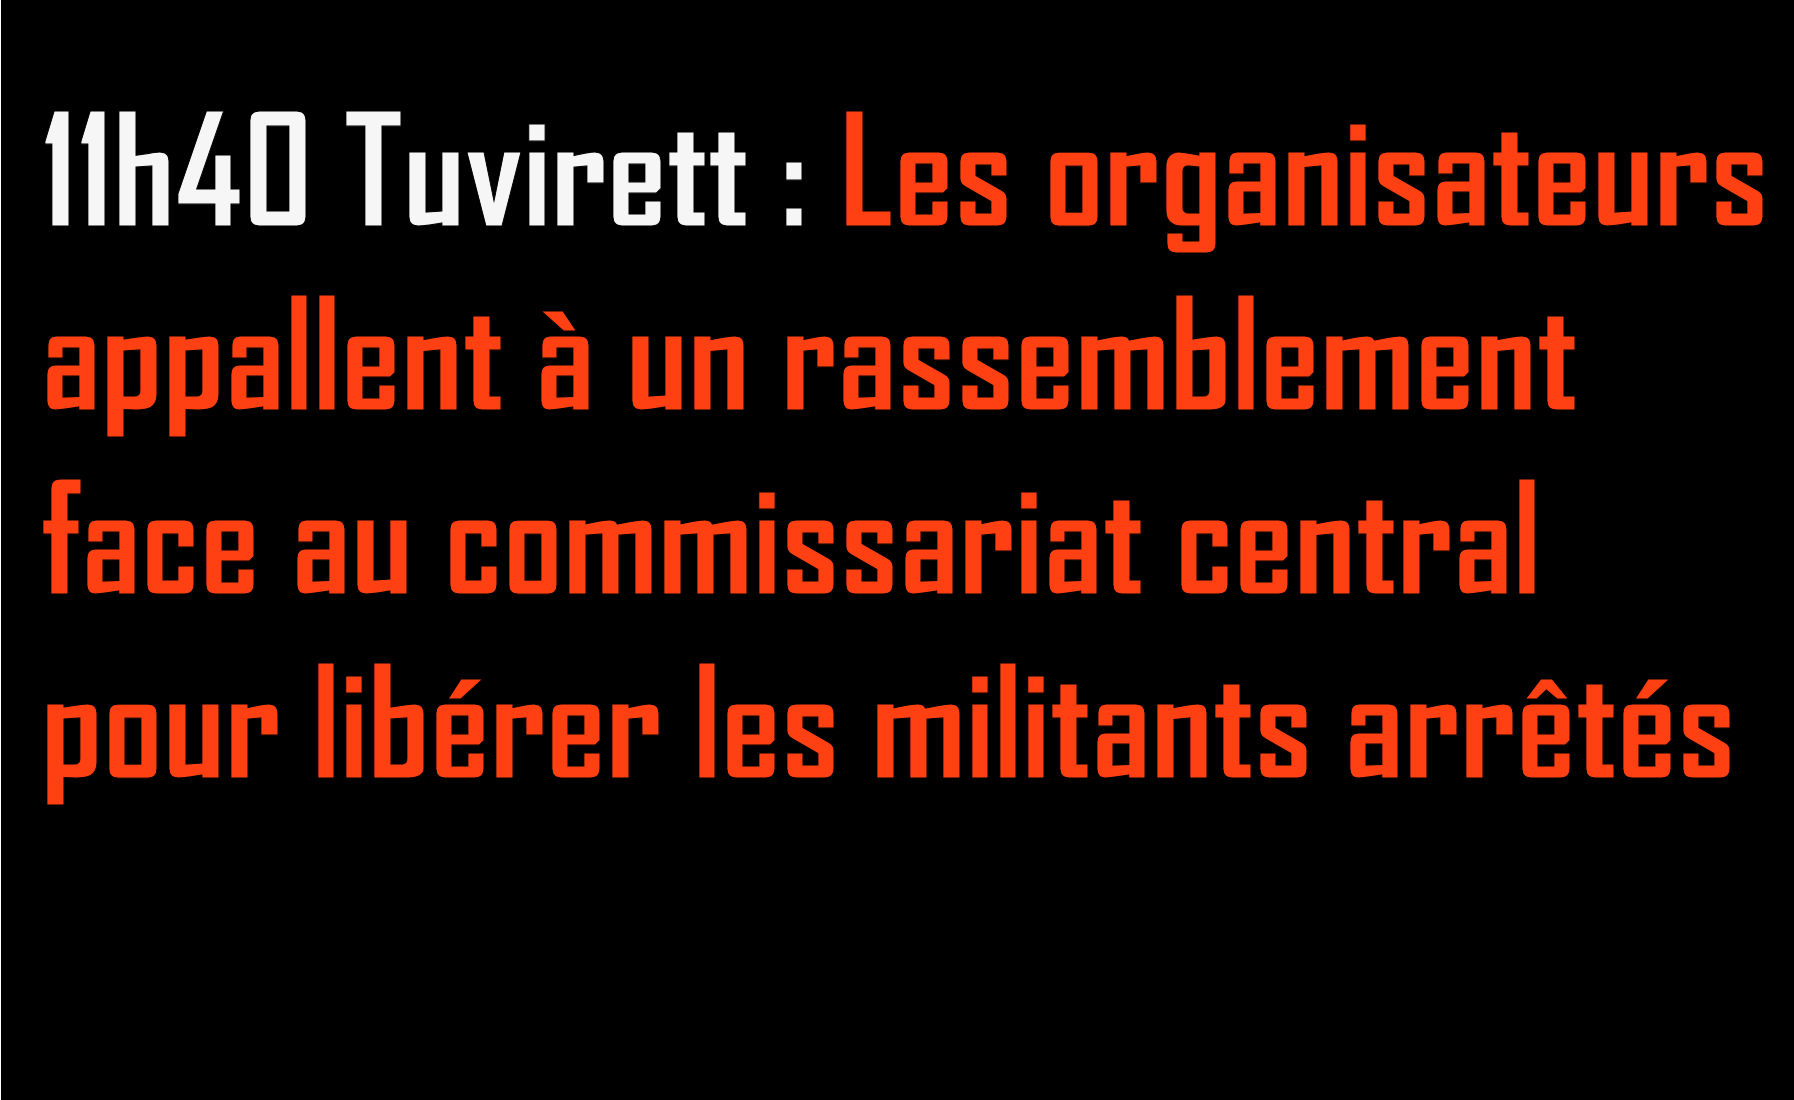 Appel à un rassemblement devant le commissariat central de Tuvirett pour exiger la libération des militants arrêtés